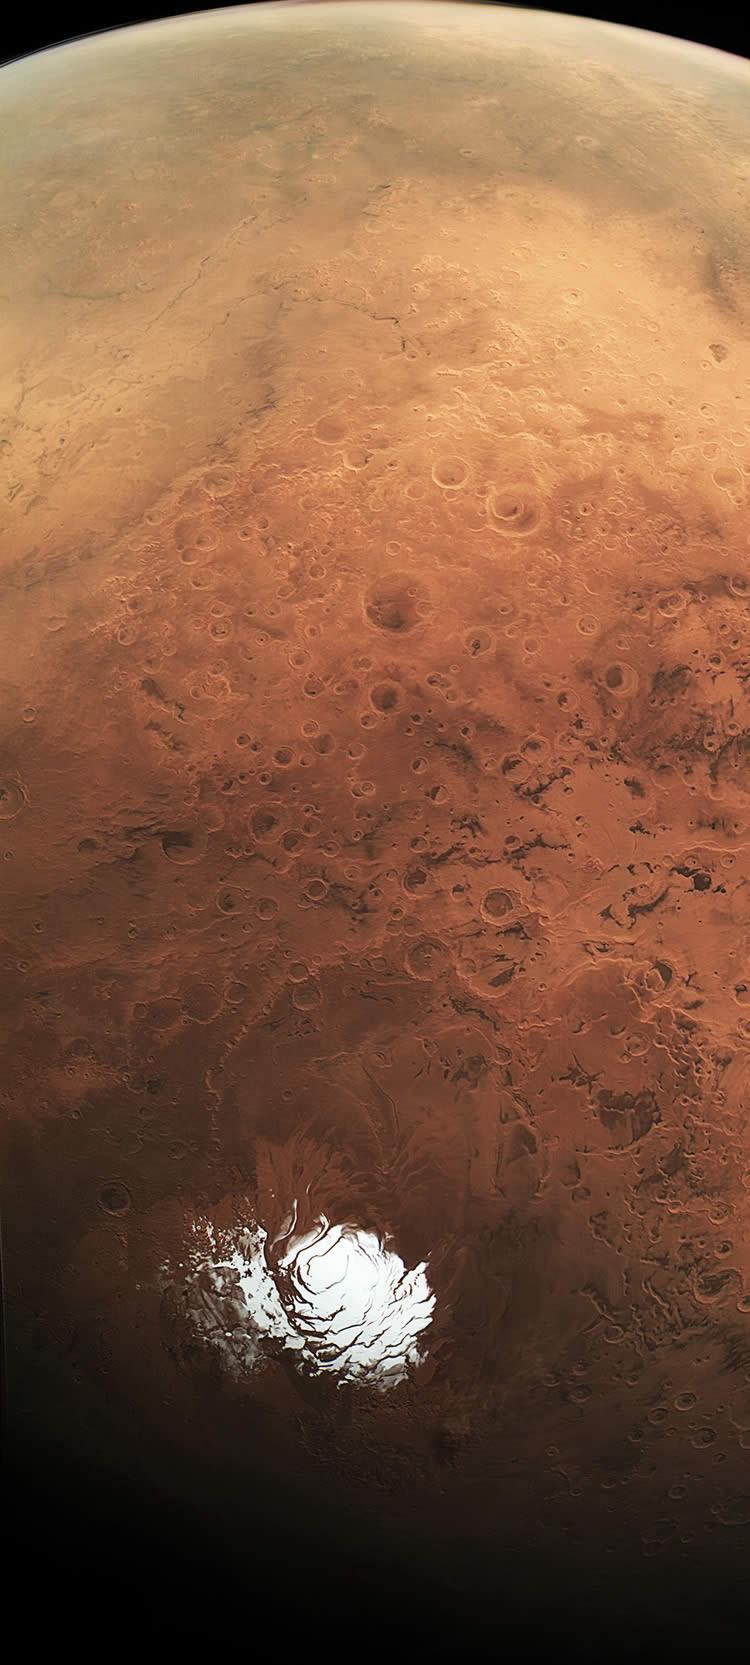 Capa de hielo en el polo sur de Marte